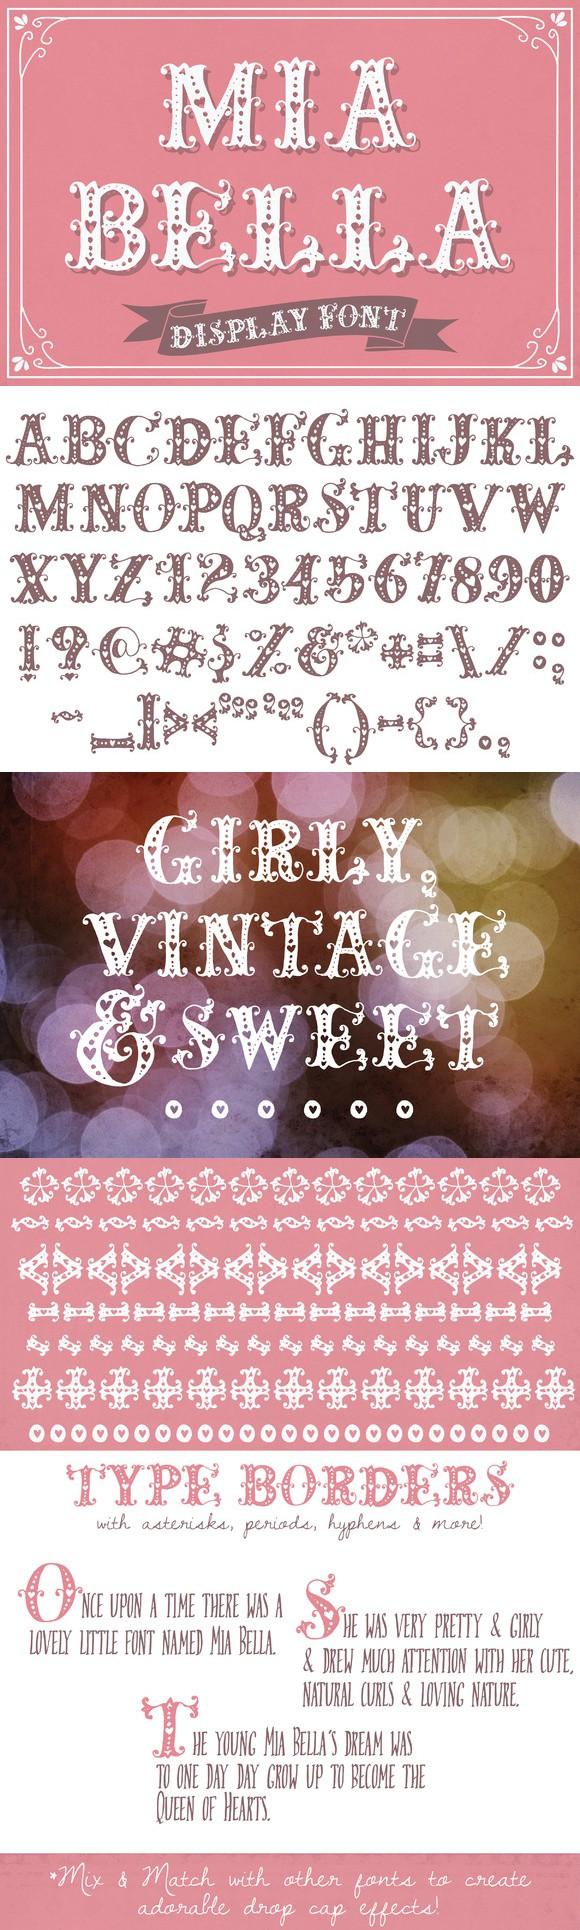 Mia Bella Font Whimsical fonts, Romantic fonts